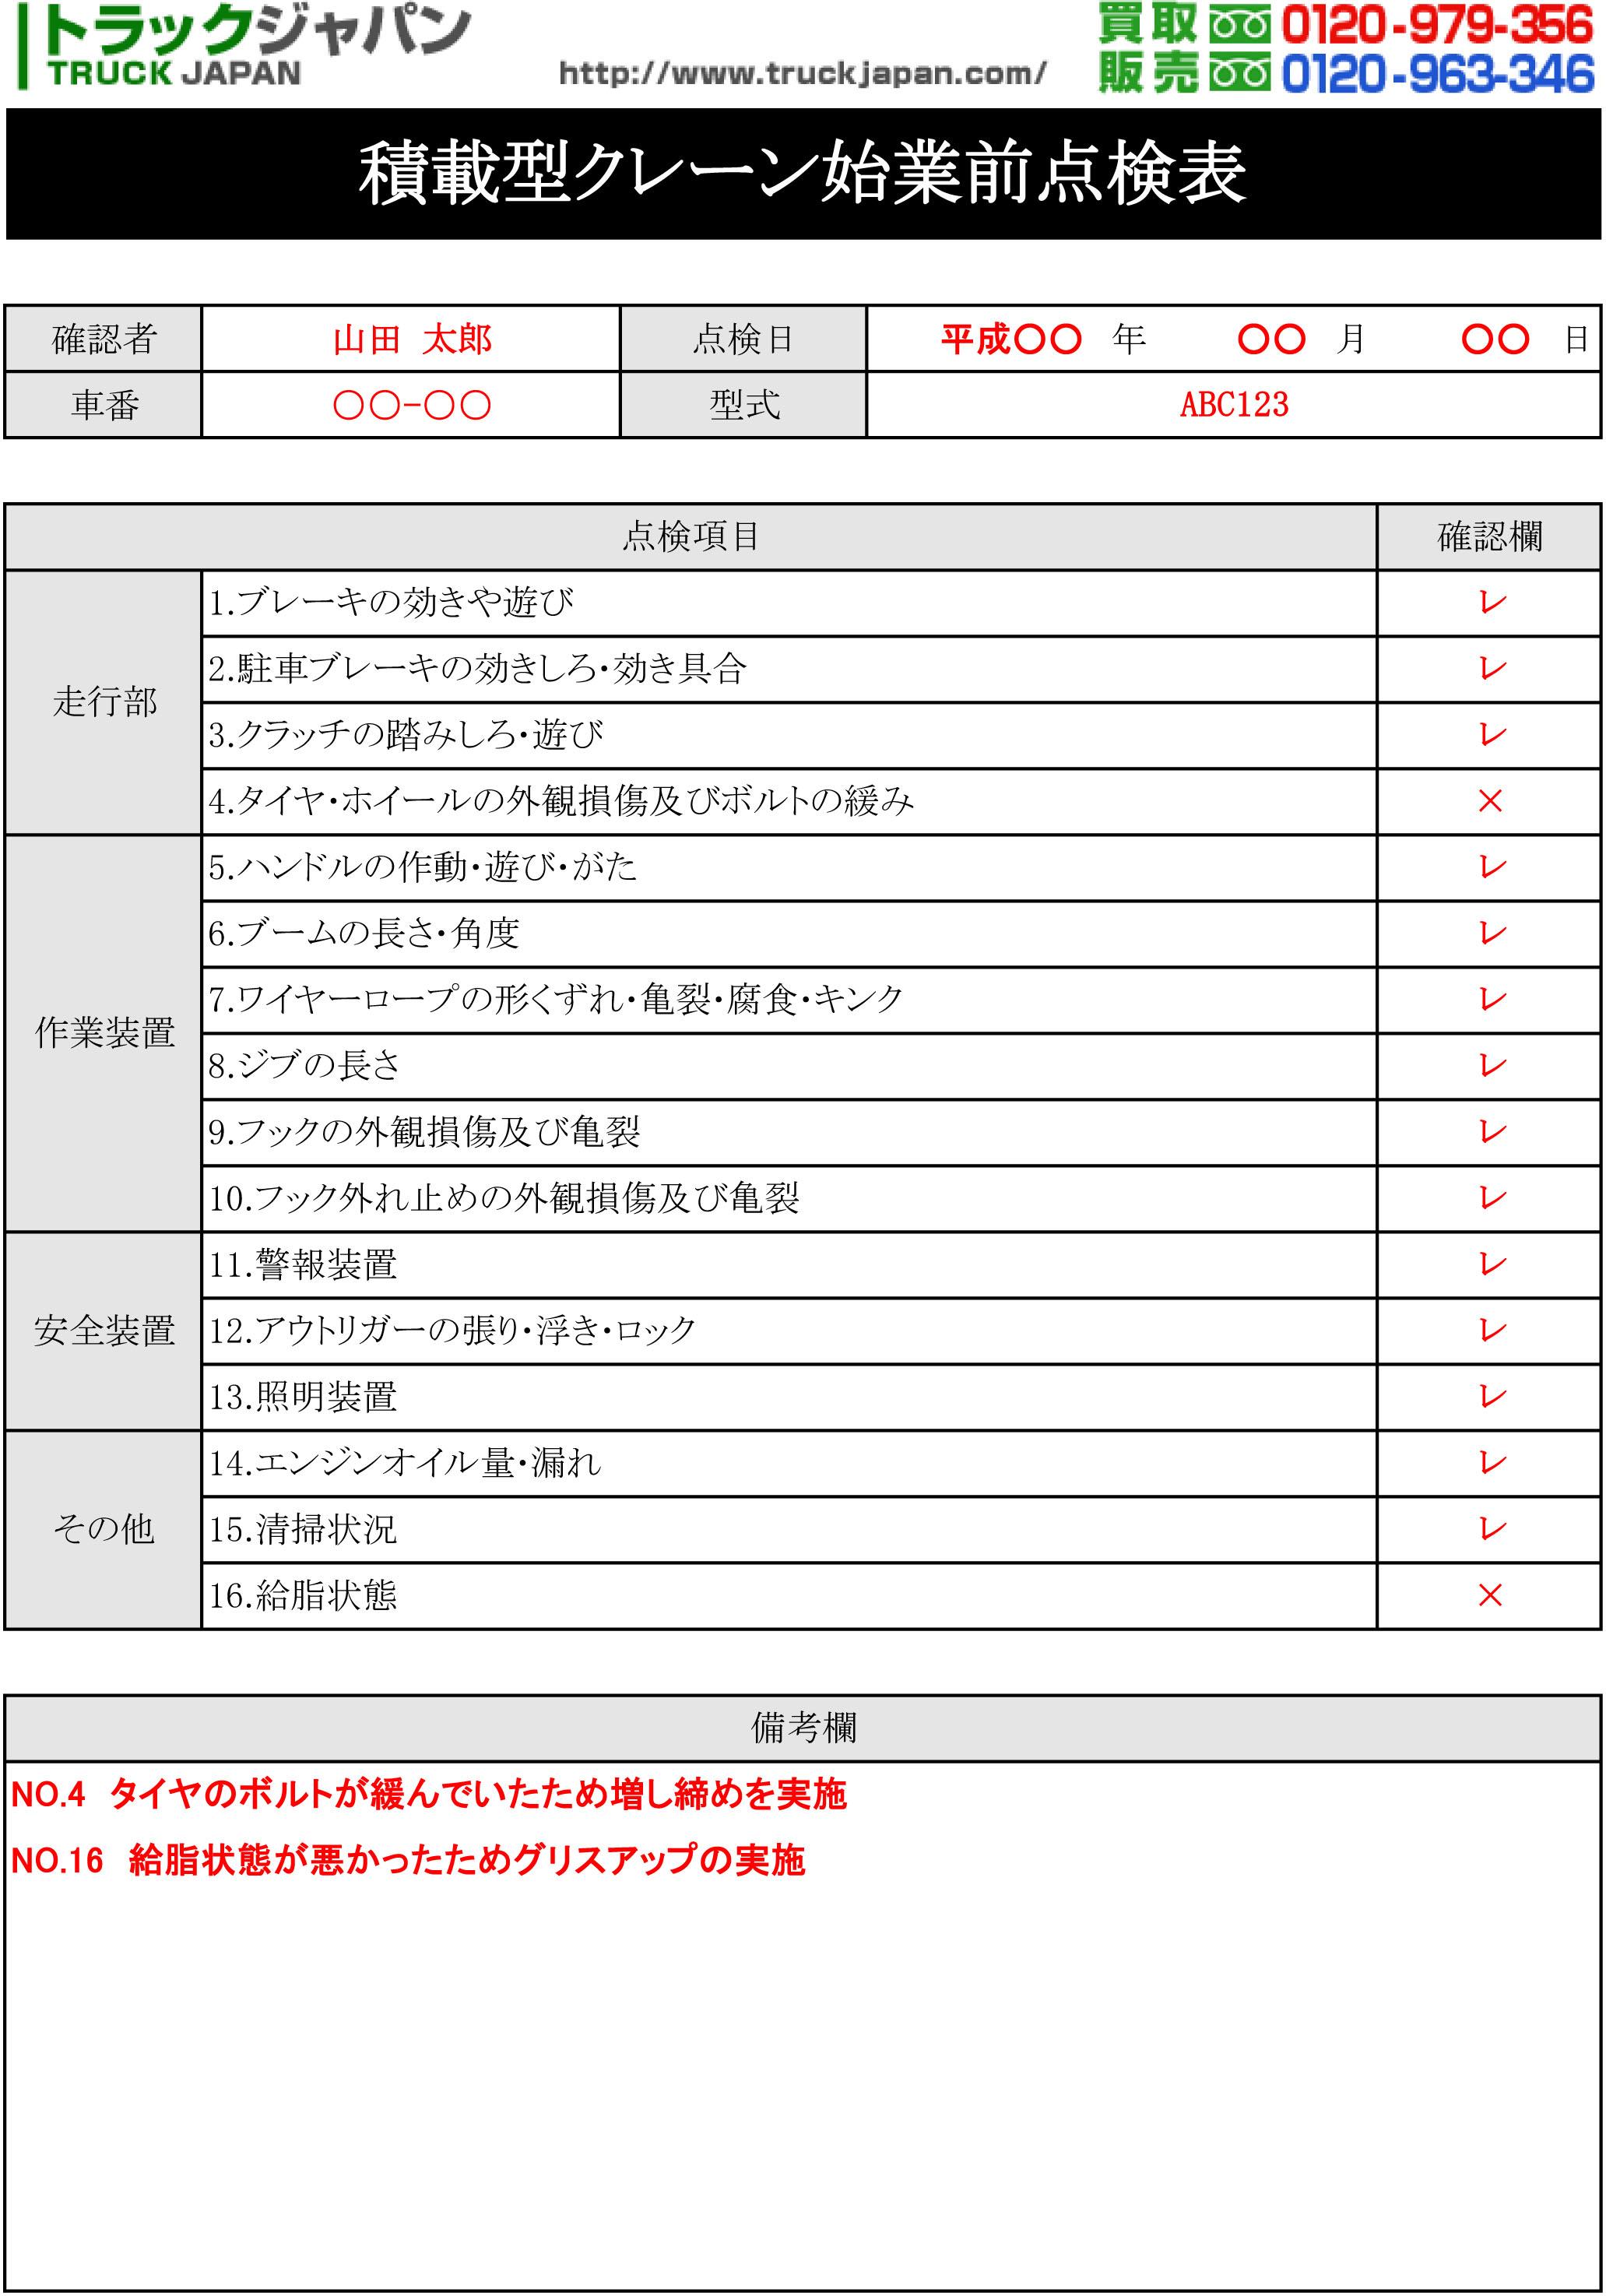 整備マニュアルダウンロード - trex.co.jp